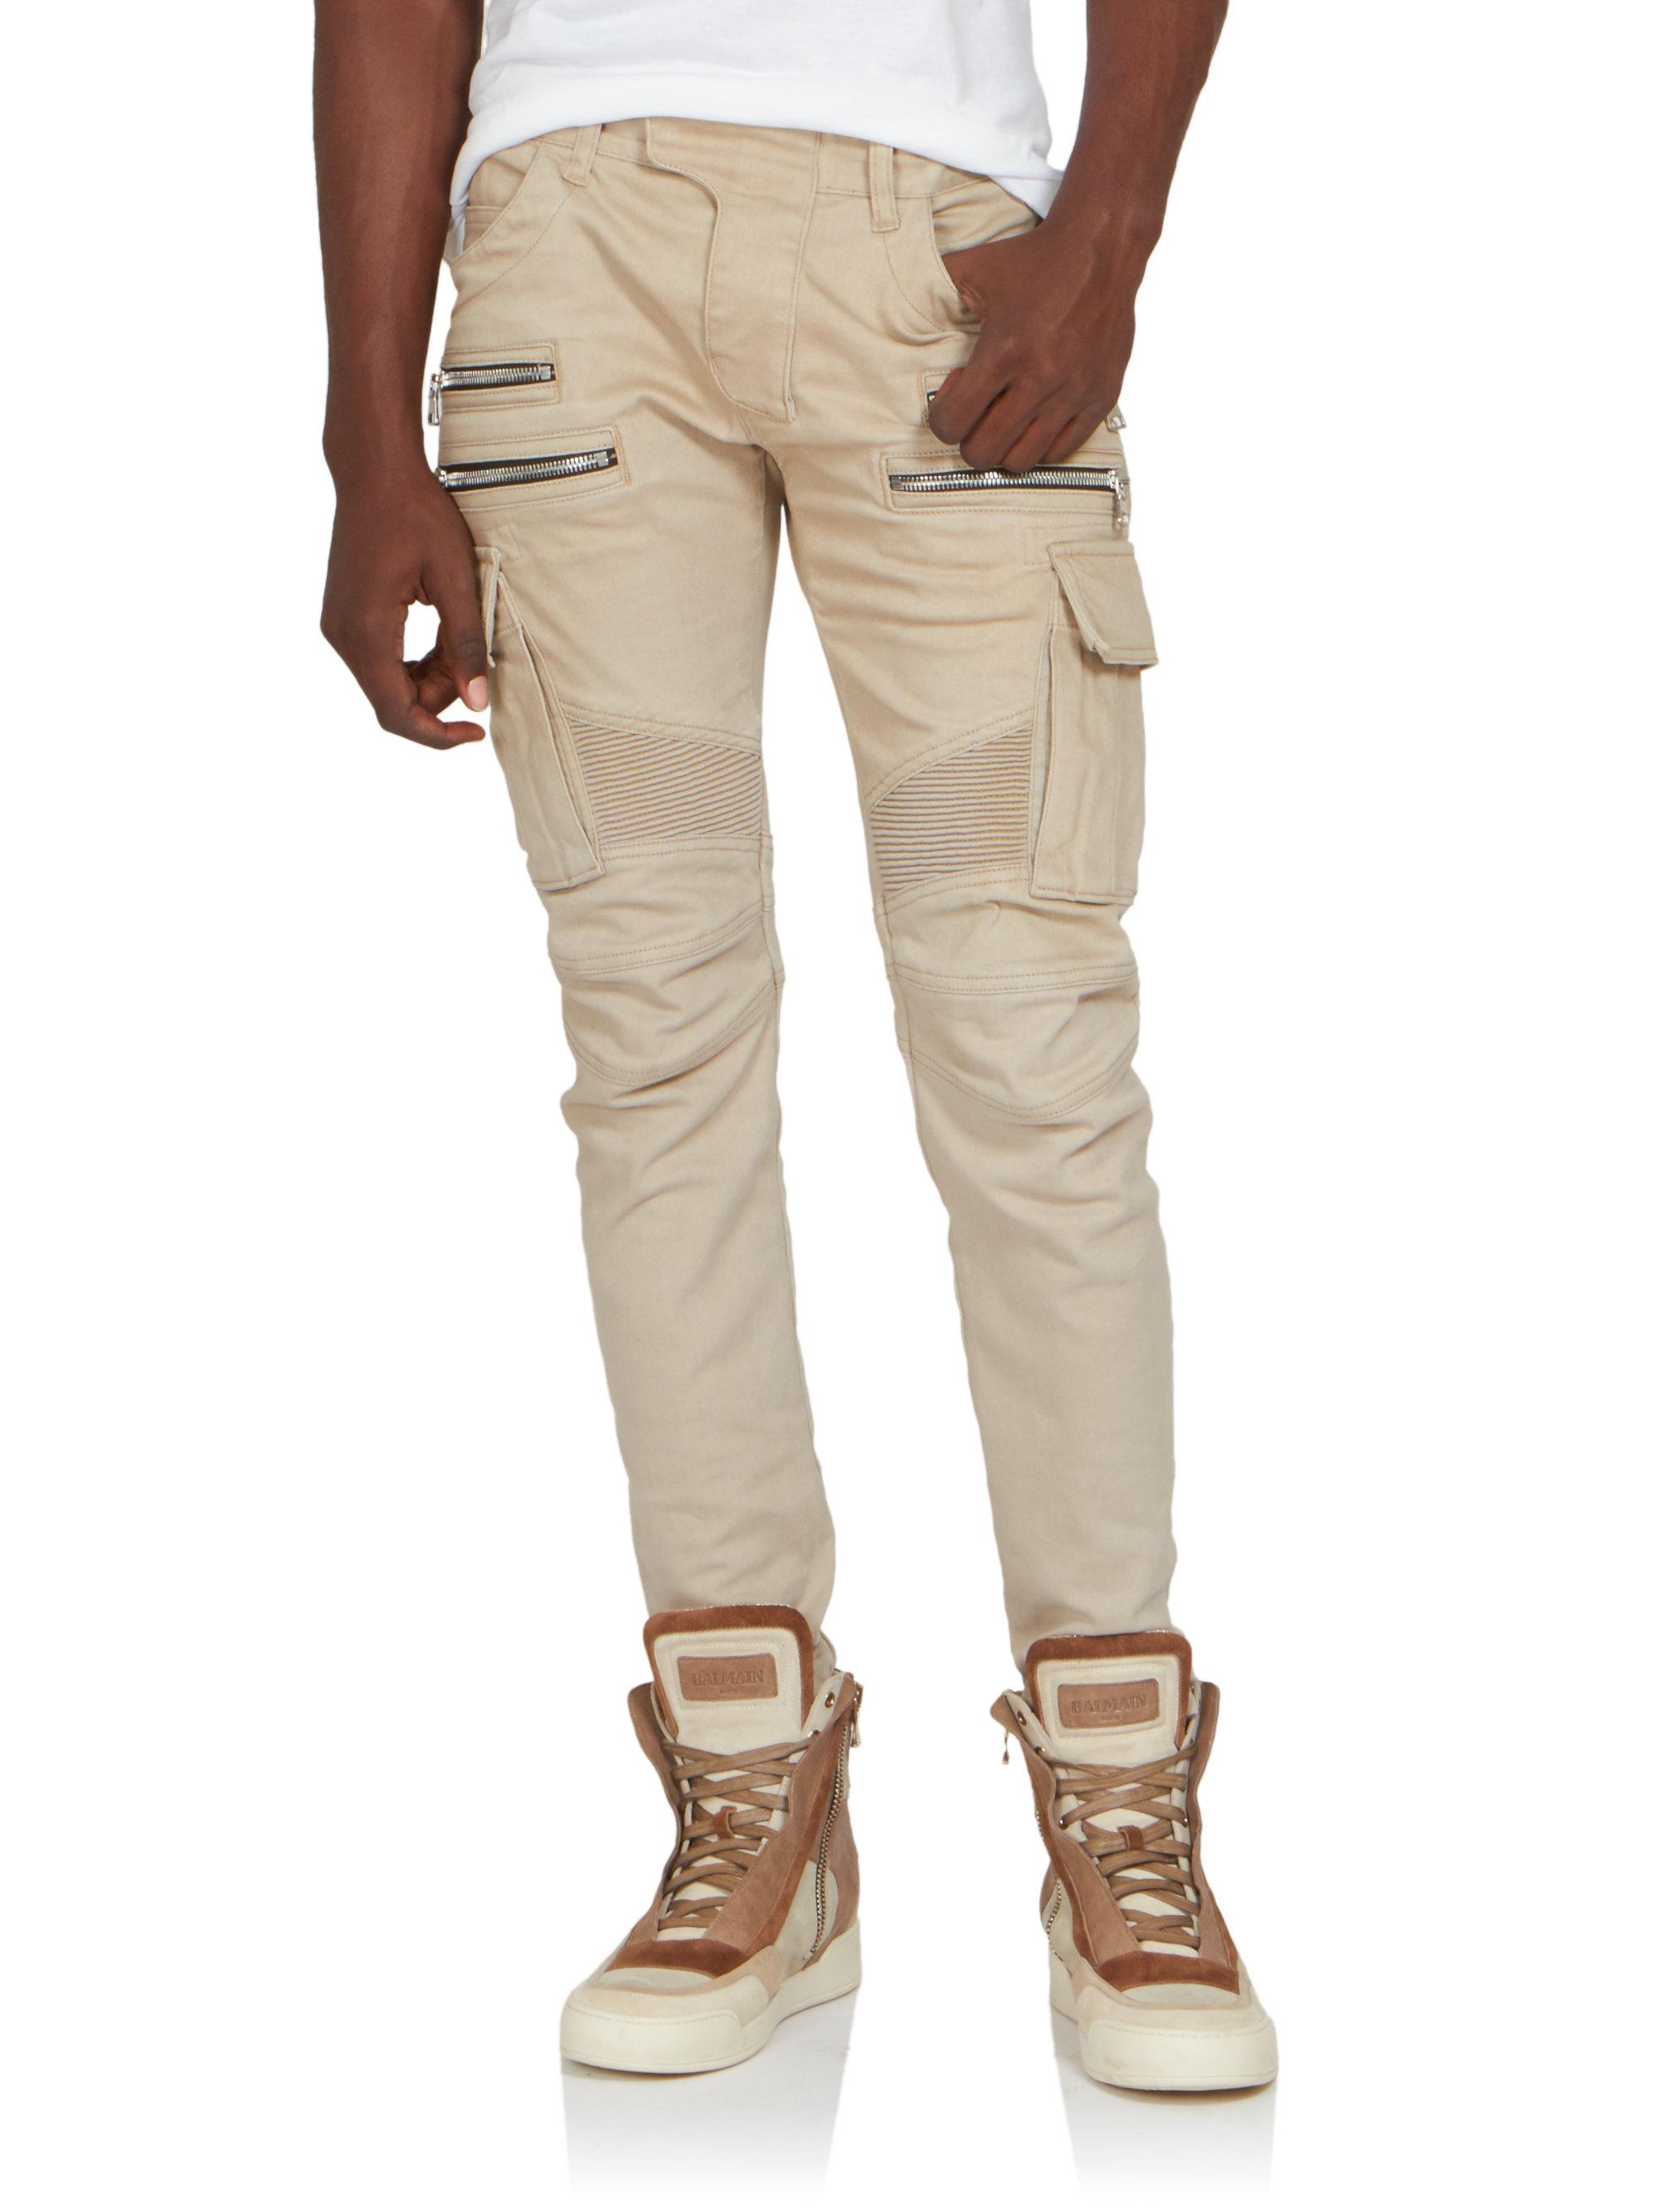 39e6a964 Balmain Biker Cargo Pants in Natural for Men - Lyst